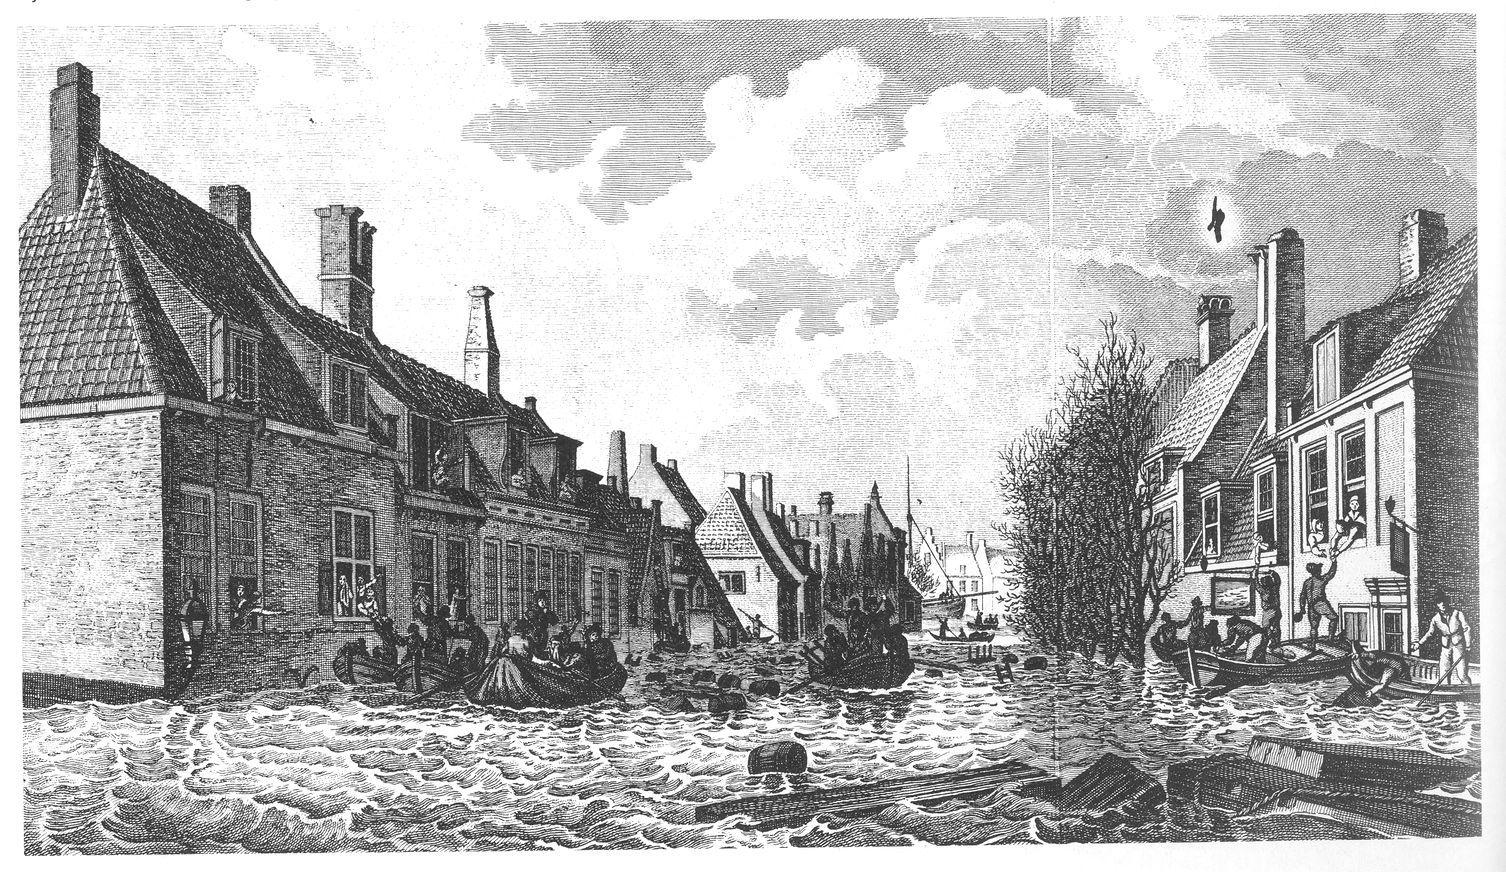 De Vlissingse Palingstraat na de ramp van 1808 (J.H. Koekoek).